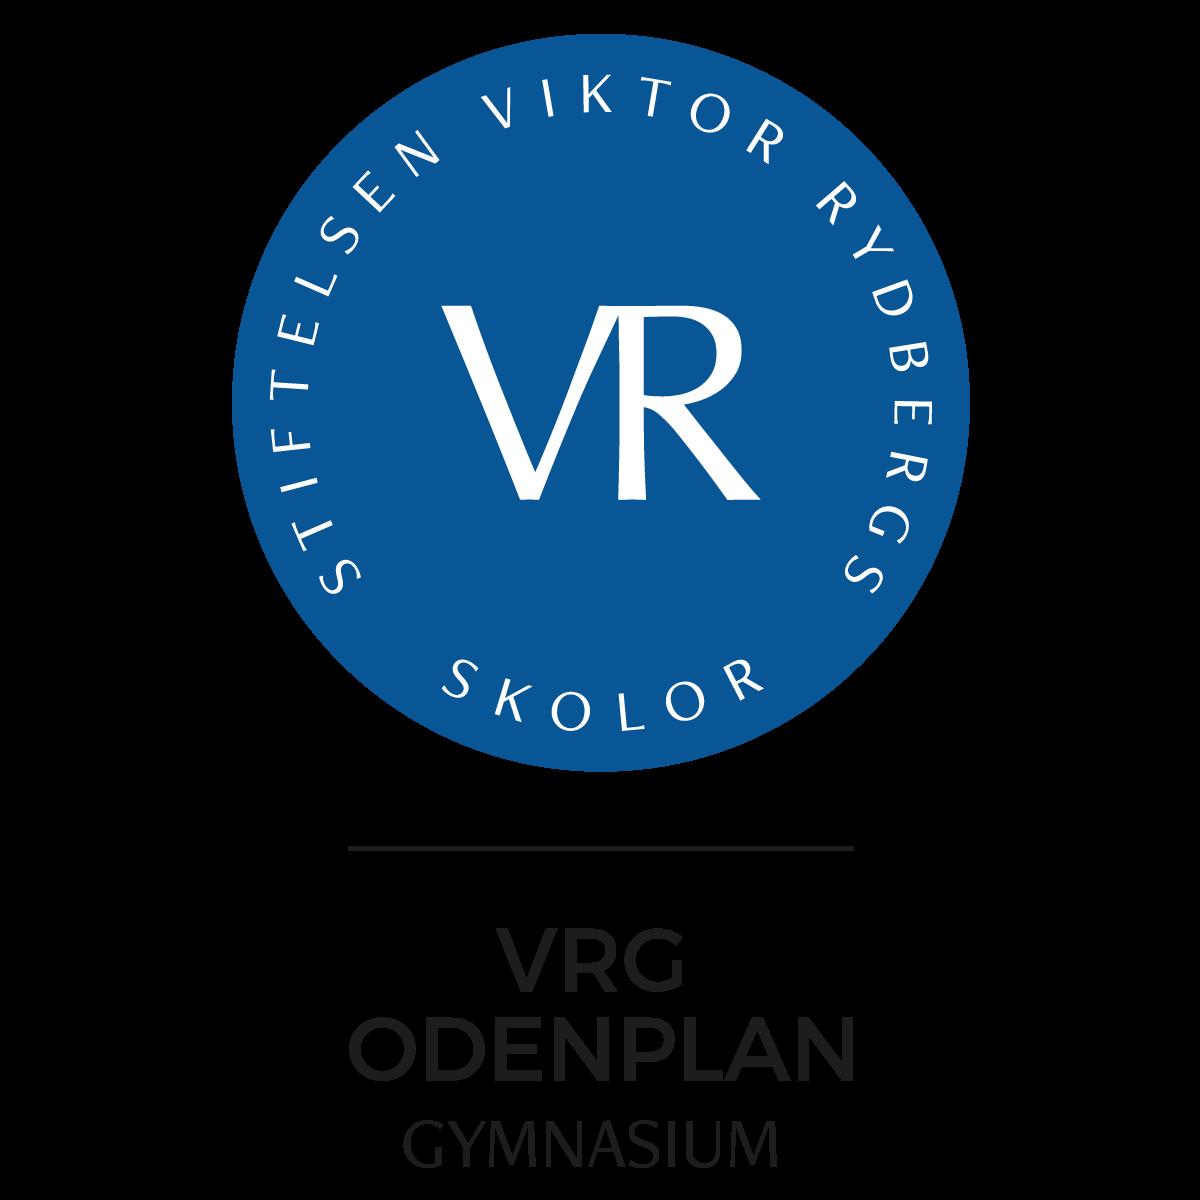 vrg-opl-vertikal